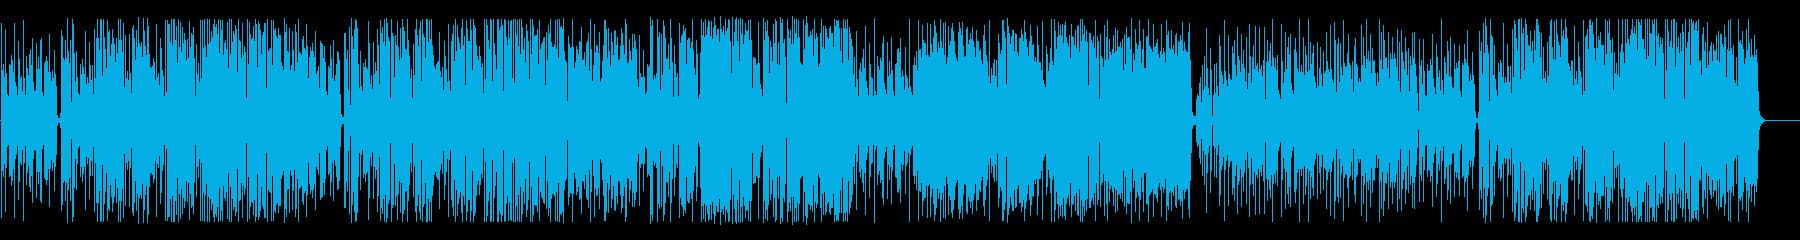 トランペットが渋い!ジャズファンクの再生済みの波形